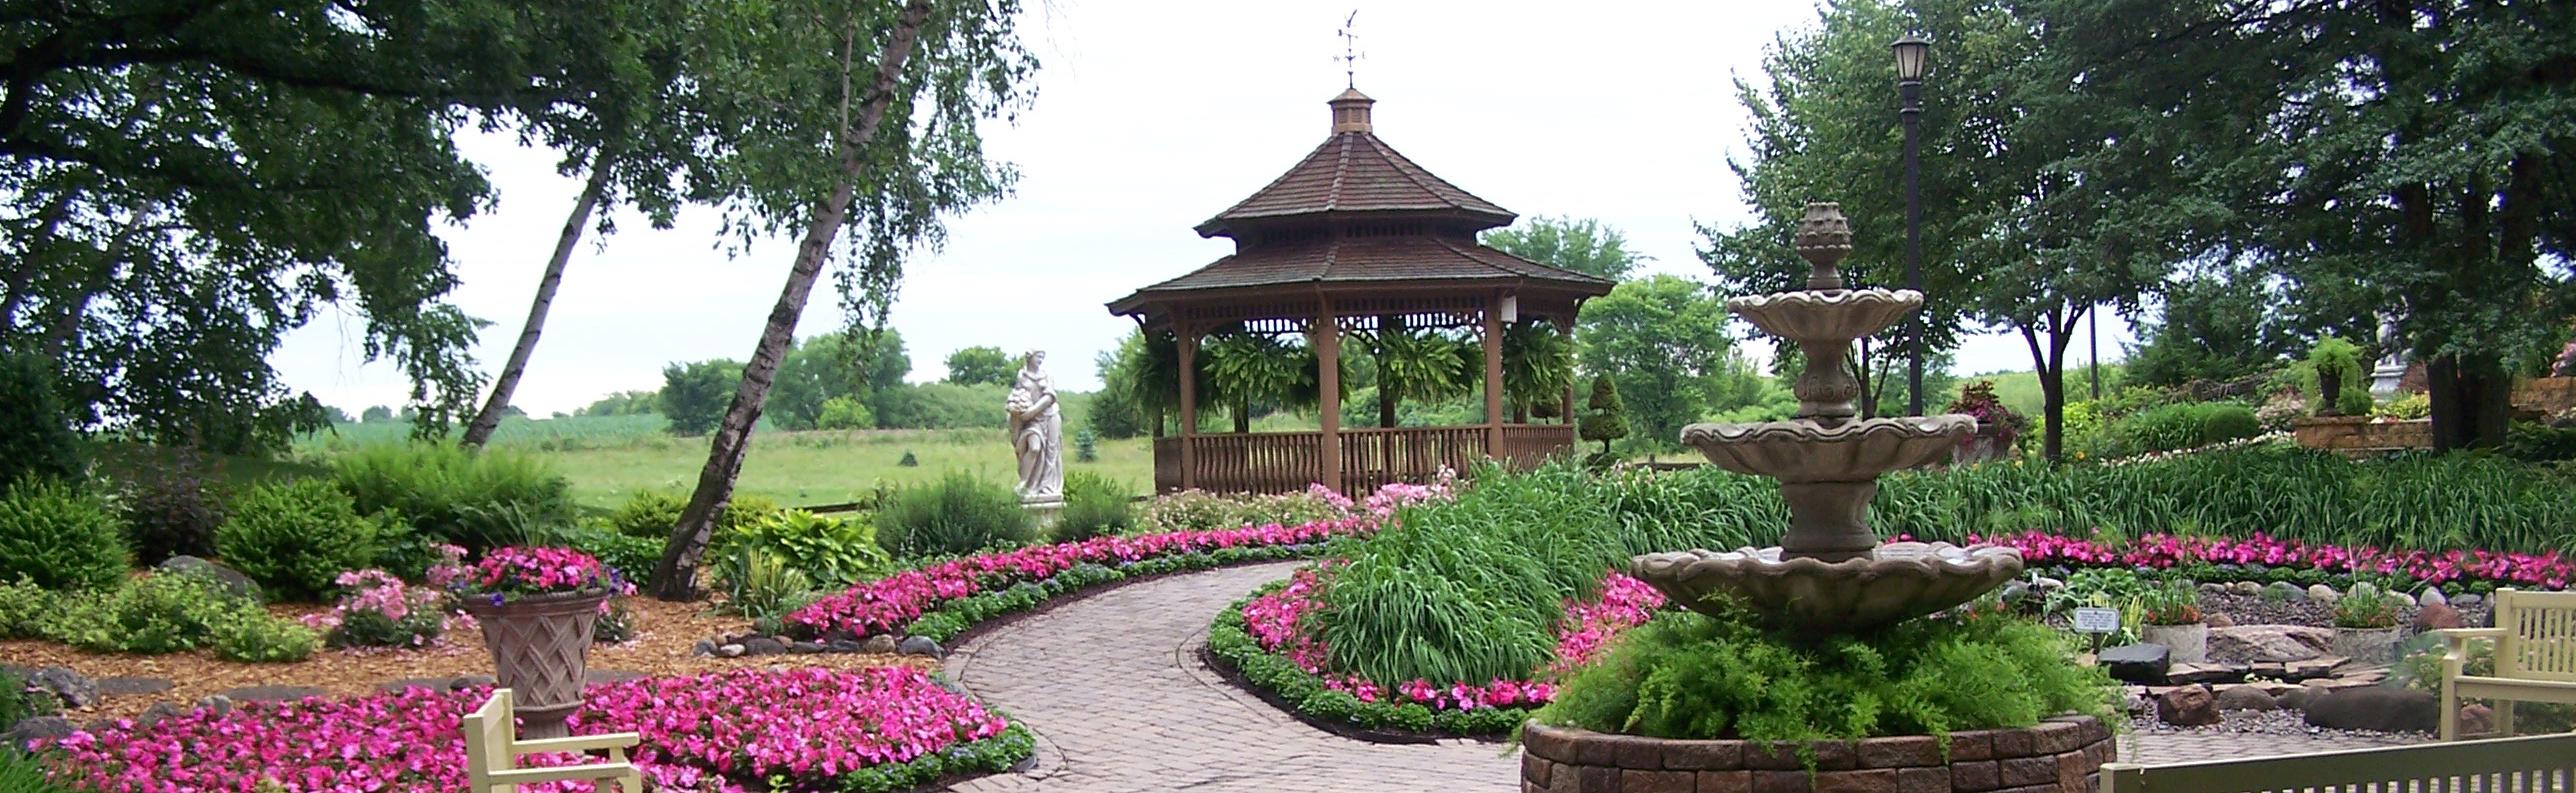 Garden Weddings in MN